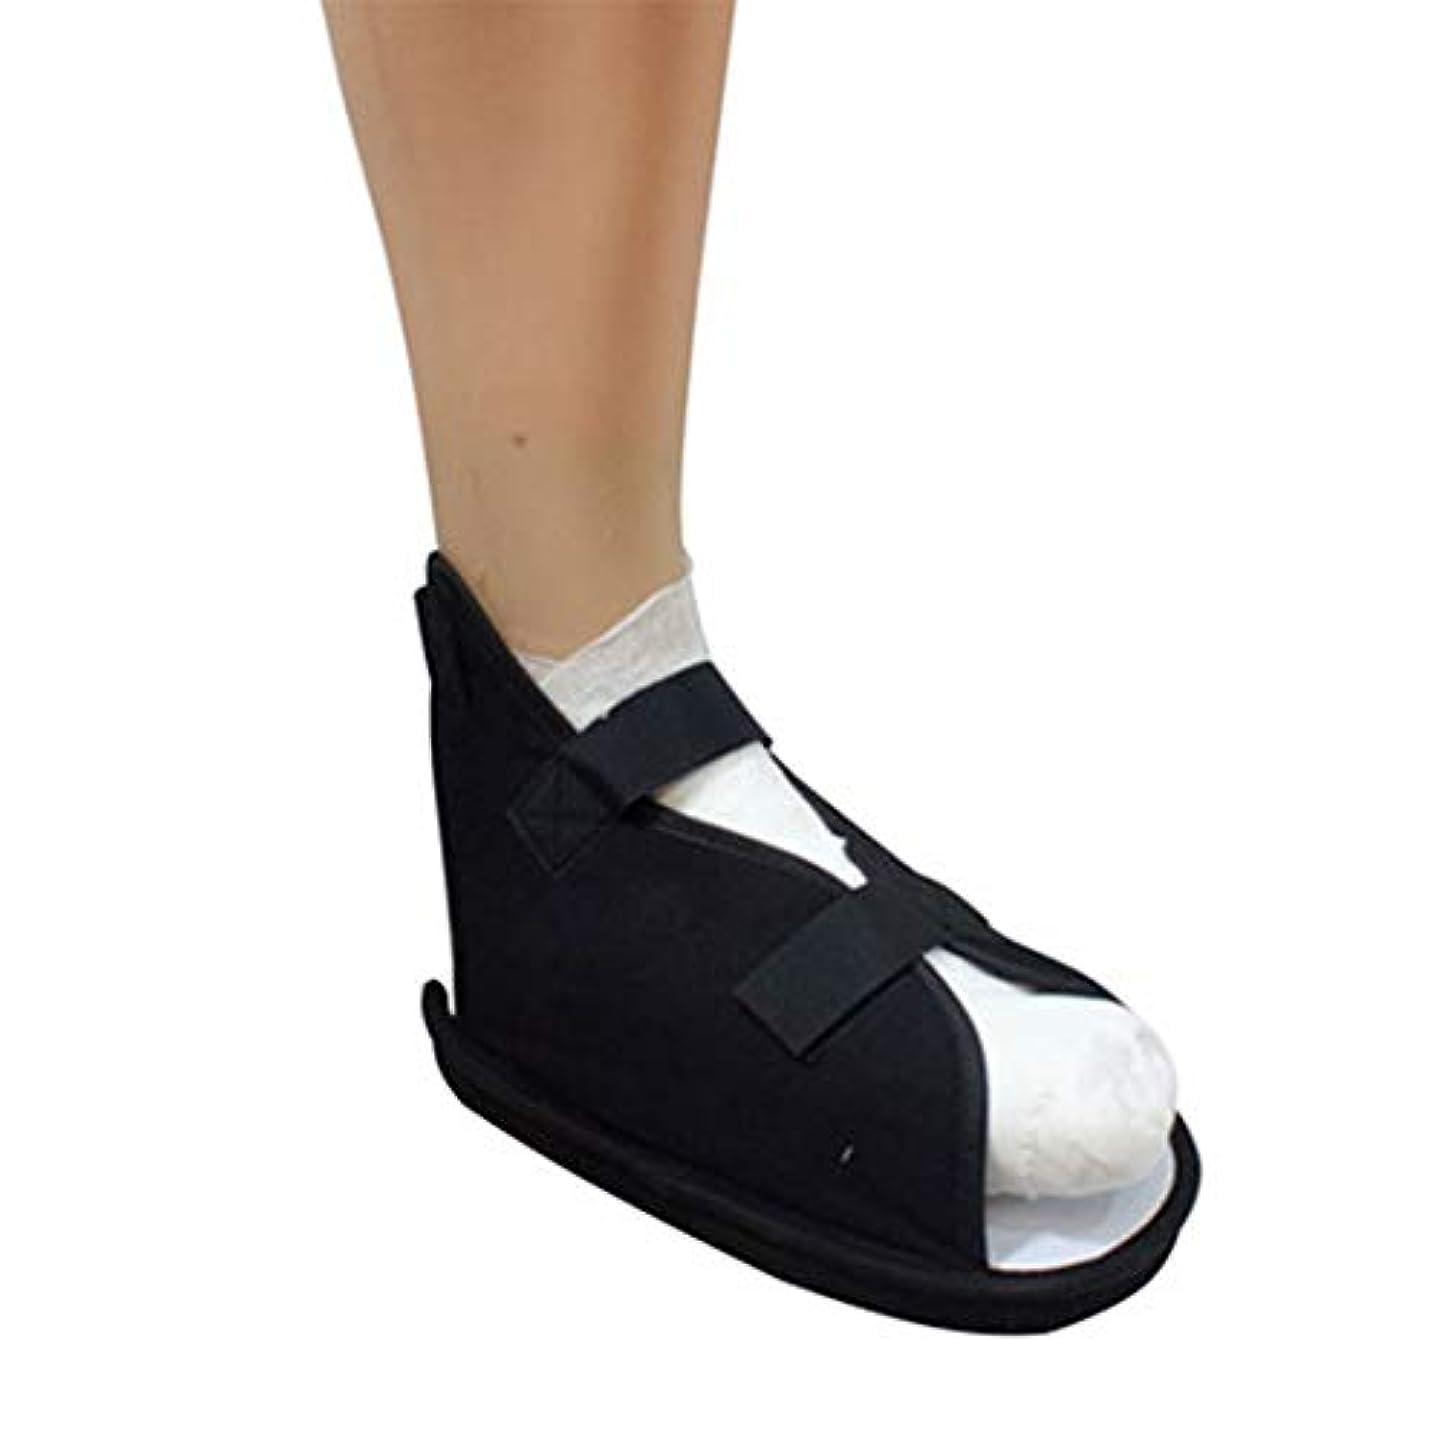 器官アミューズマルコポーロ医療足骨折石膏の回復靴の手術後のつま先の靴を安定化骨折の靴を調整可能なファスナーで完全なカバー,L30cm